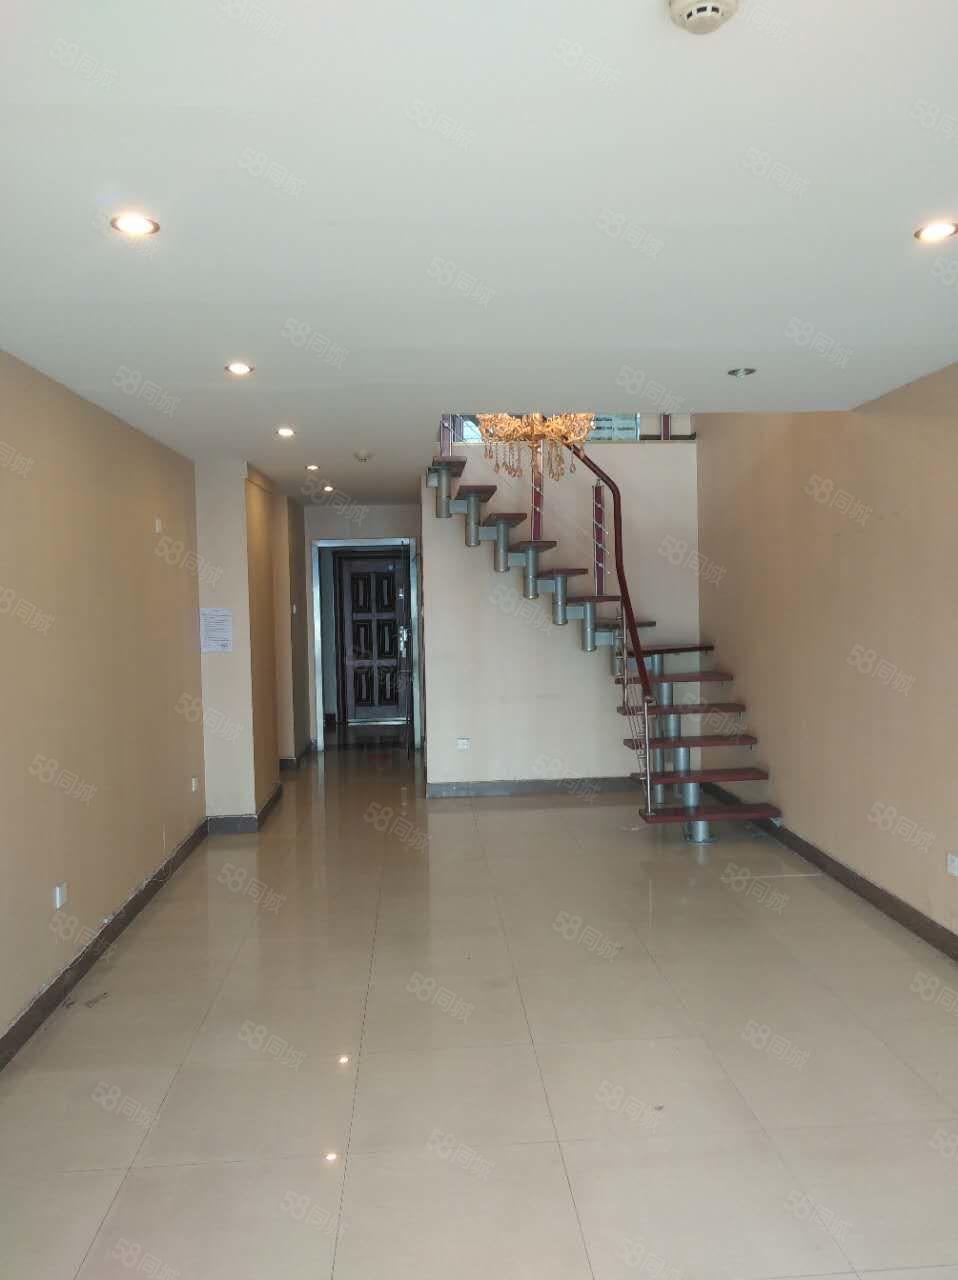 紫荆山70年产权挑高复式首付18万两室一厅租金抵月供急卖